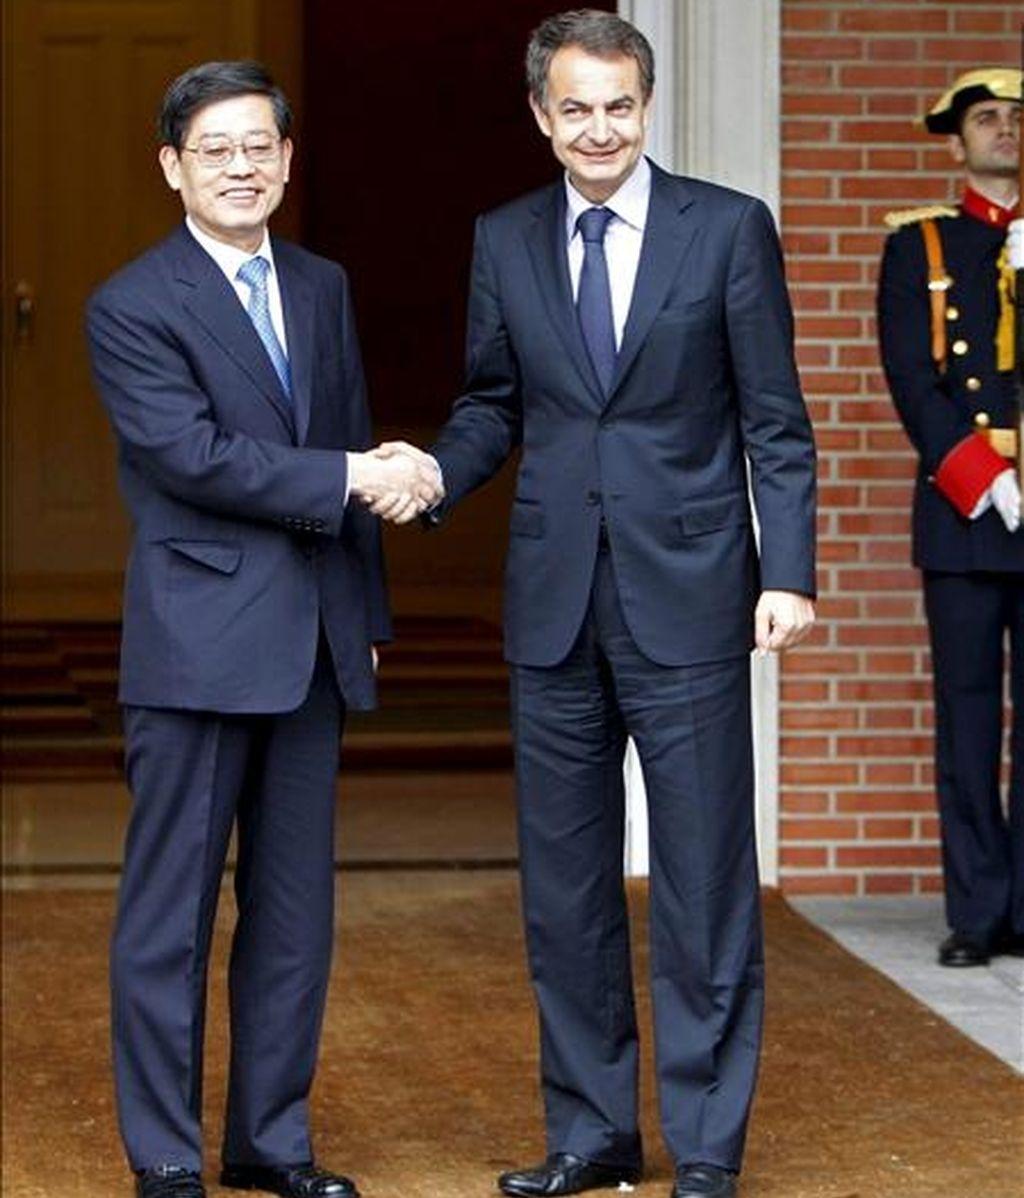 El presidente del Gobierno, José Luis Rodríguez Zapatero (d), saluda al primer ministro surcoreano, Kim Hwang Sik, de visita de trabajo en España, momentos antes de la reunión que ambos mantuvieron hoy en el Palacio de la Moncloa. EFE